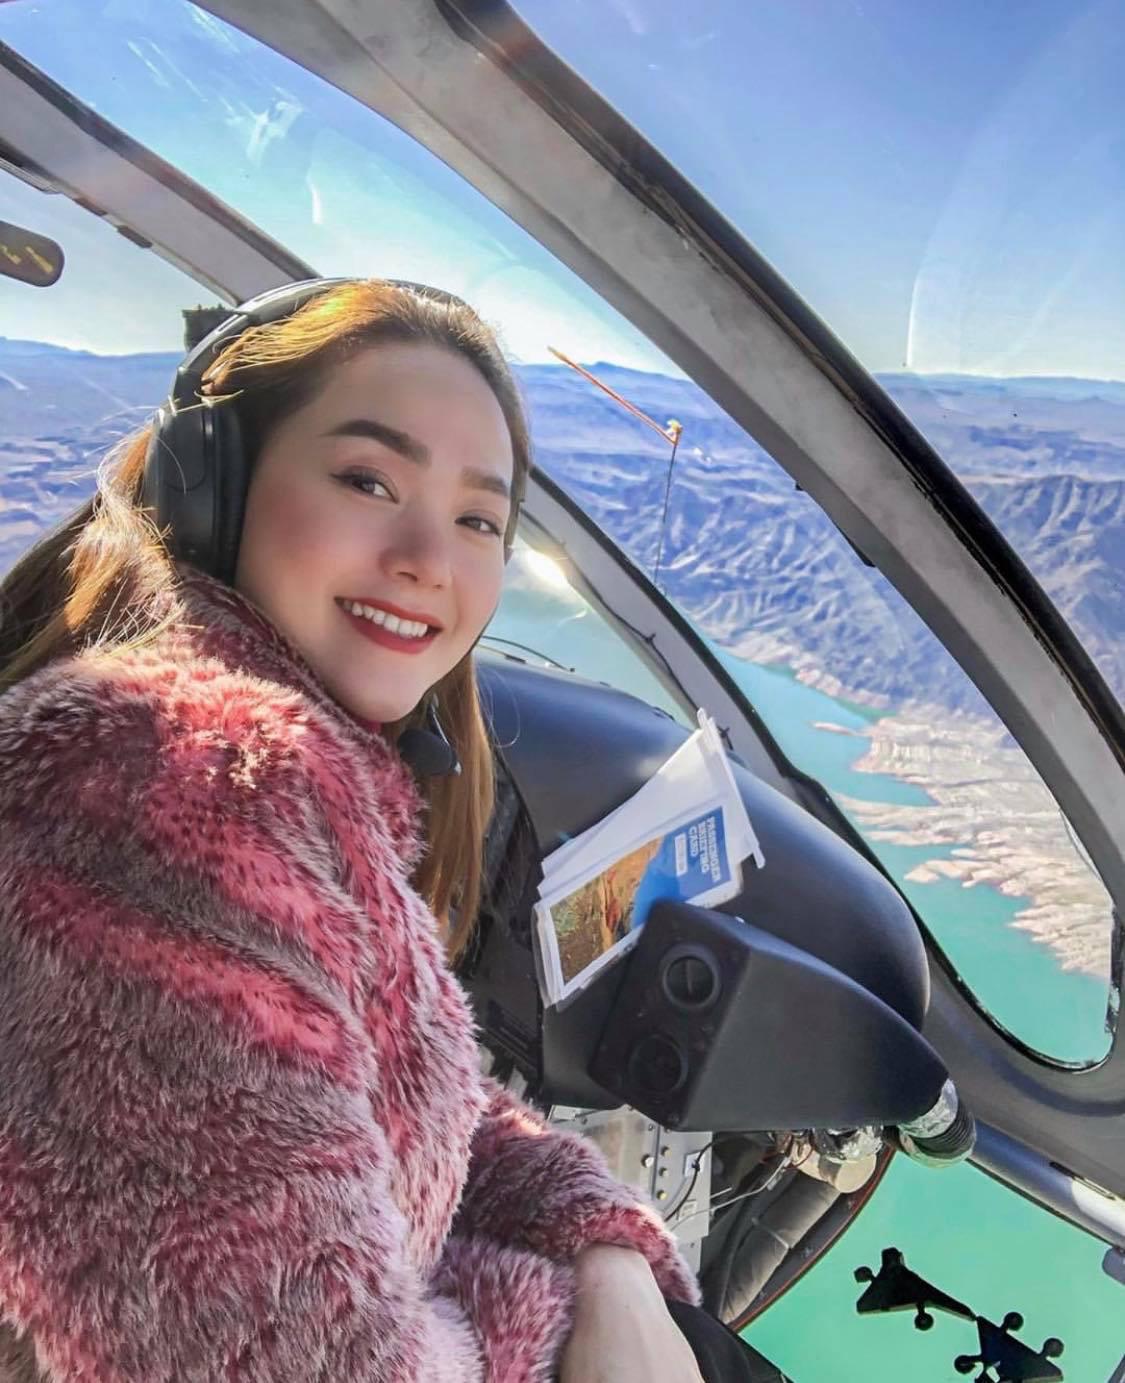 Mỹ nhân Vbiz vi vu Tết Kỷ Hợi: Minh Hằng khá phá Las Vegas bằng trực thăng, Đông Nhi tránh nóng ở Nhật - Ảnh 3.